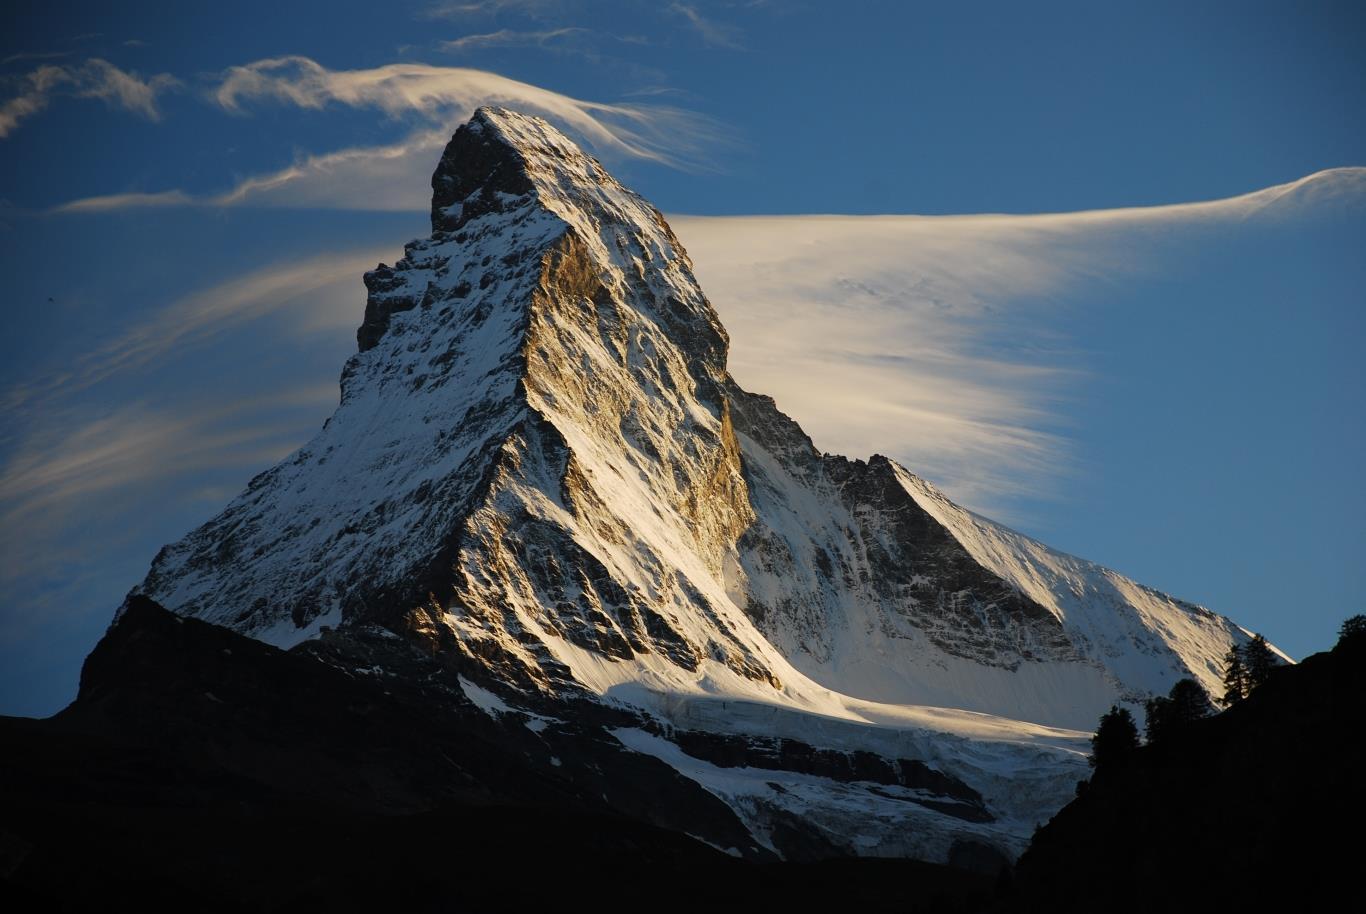 Hình ảnh núi tuyết đẹp